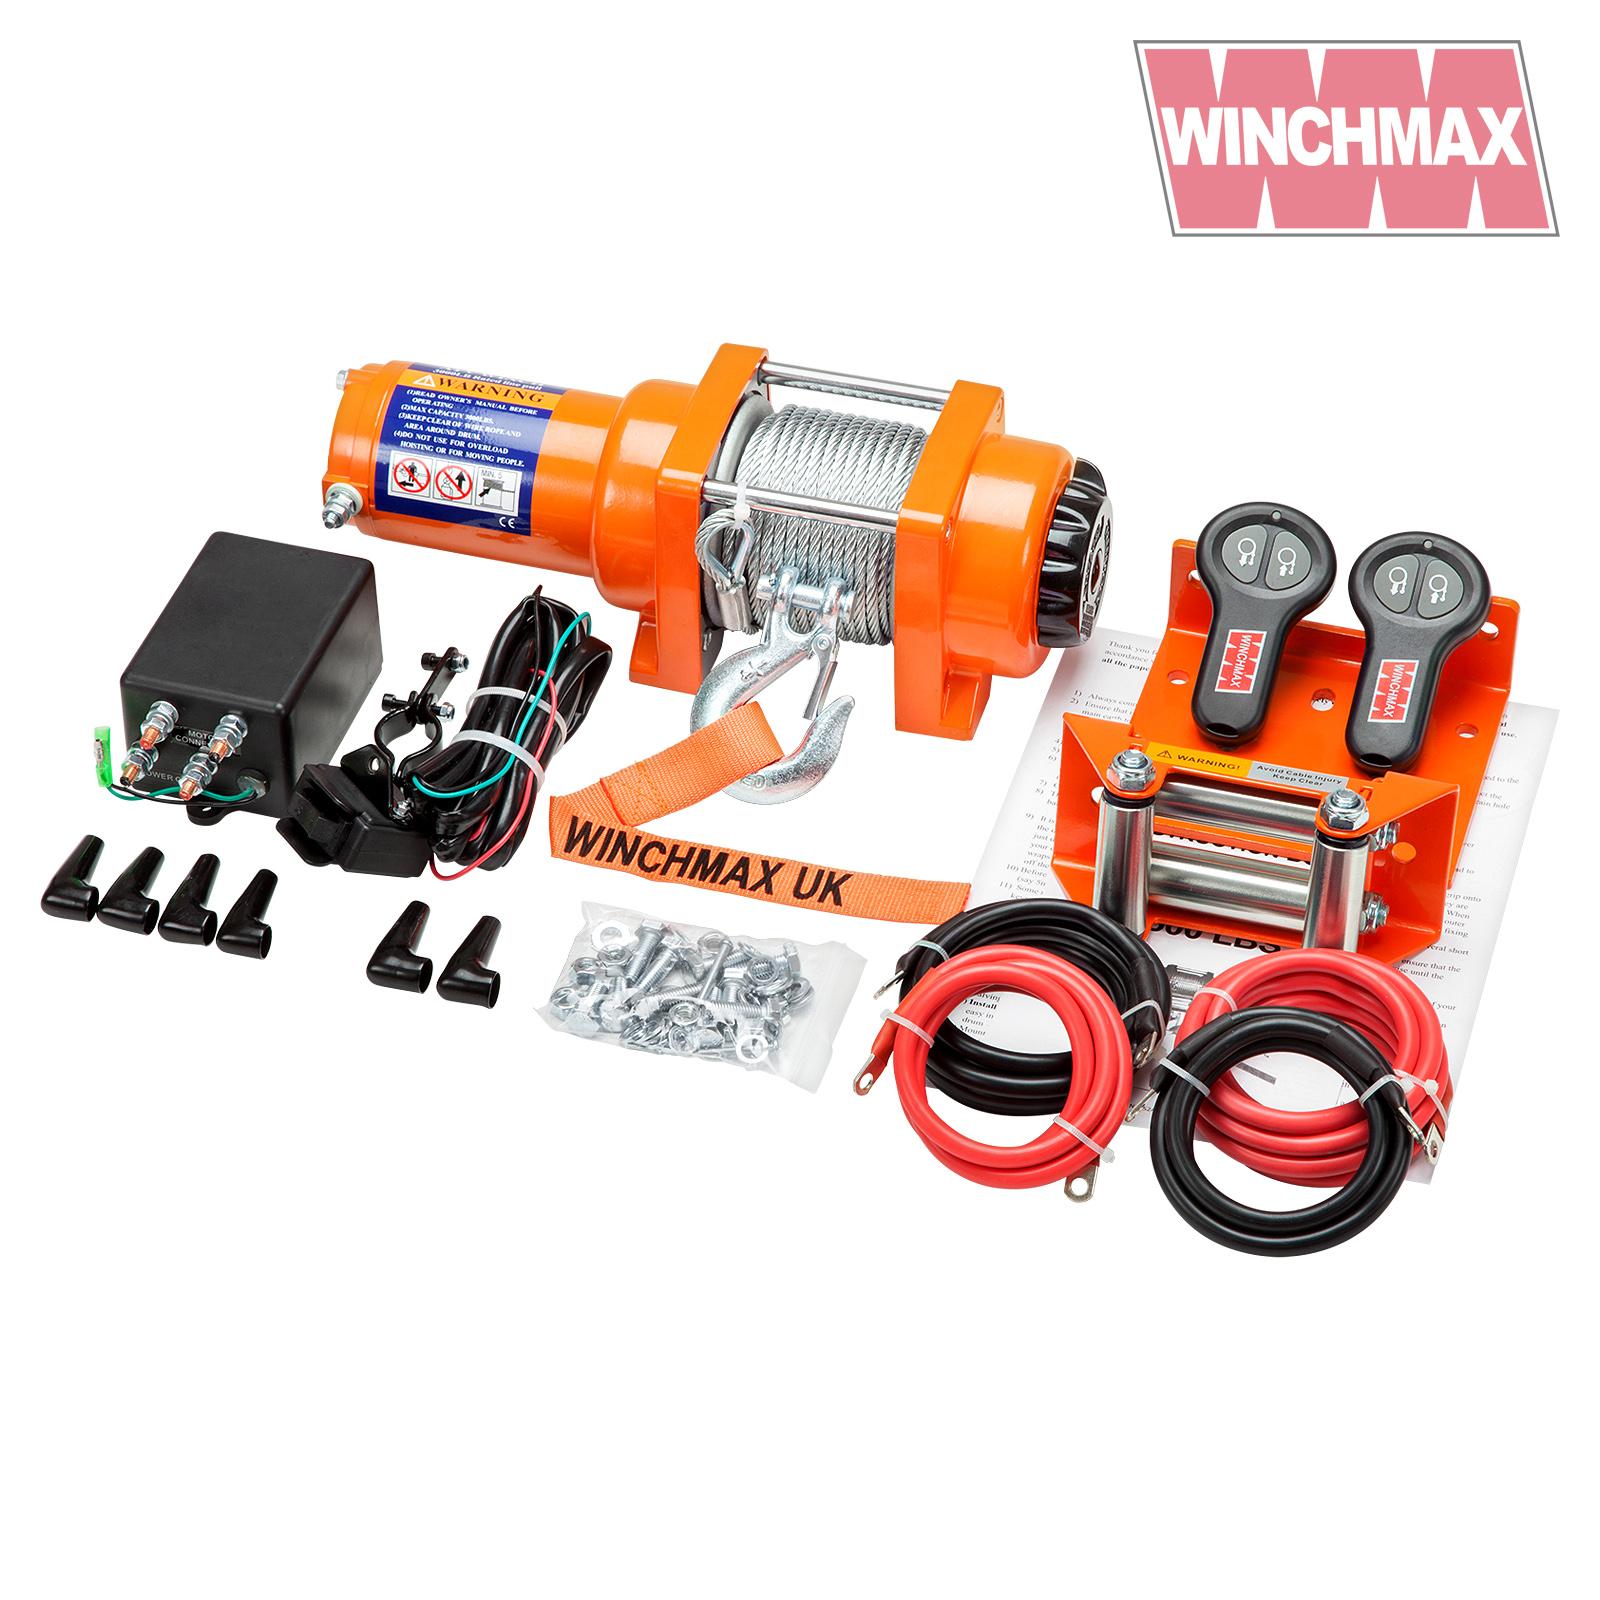 Wm300012vr winchmax 274